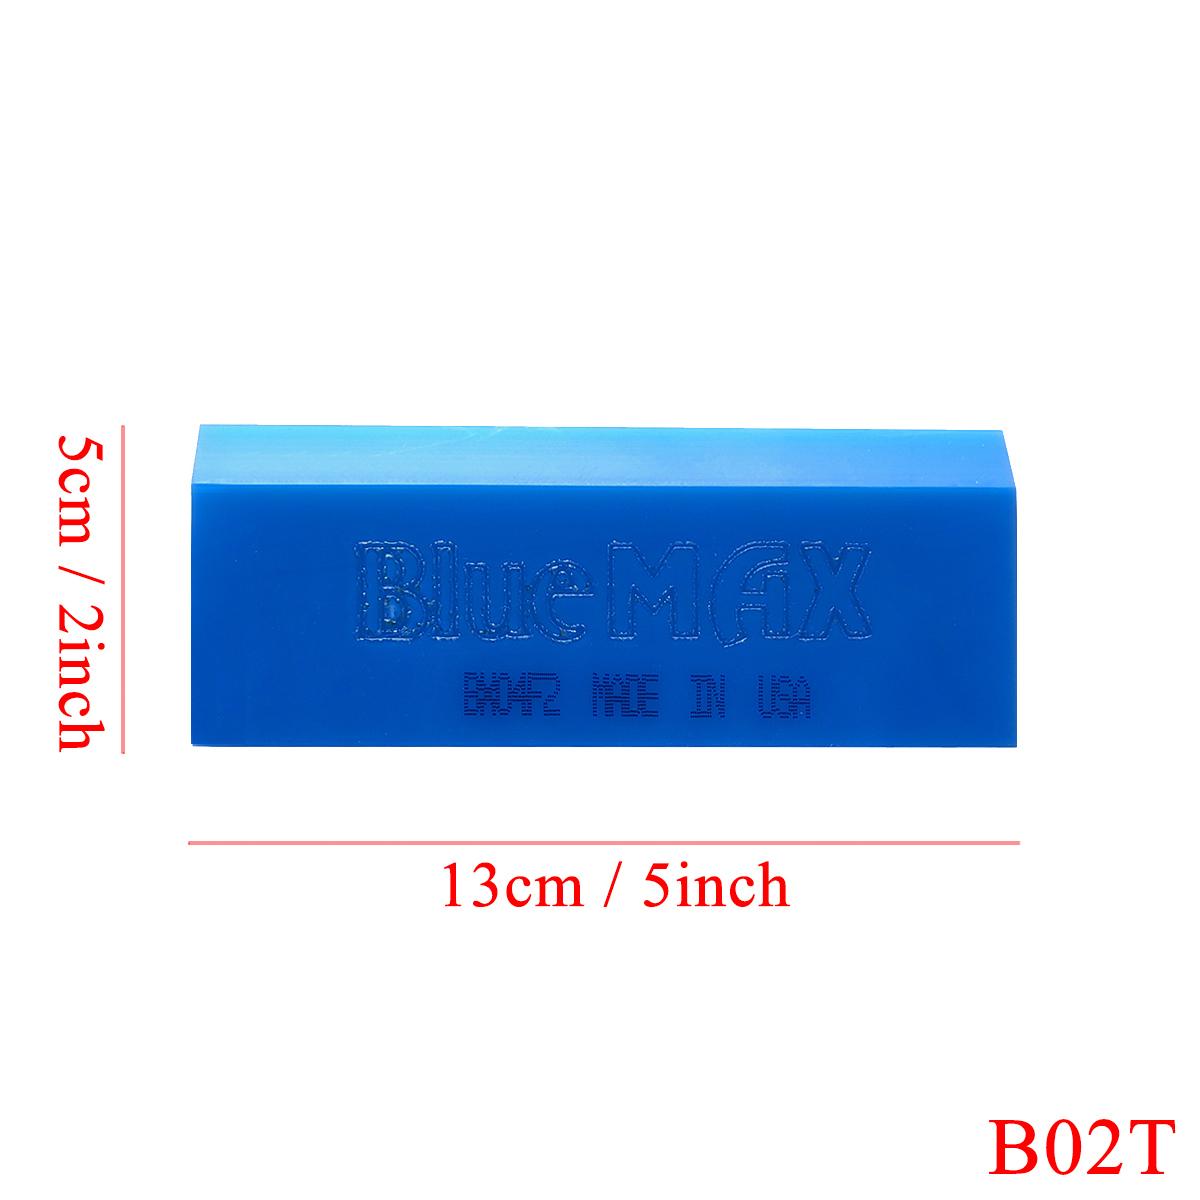 Инструменты для оконной пленки, скребок blue max B02T